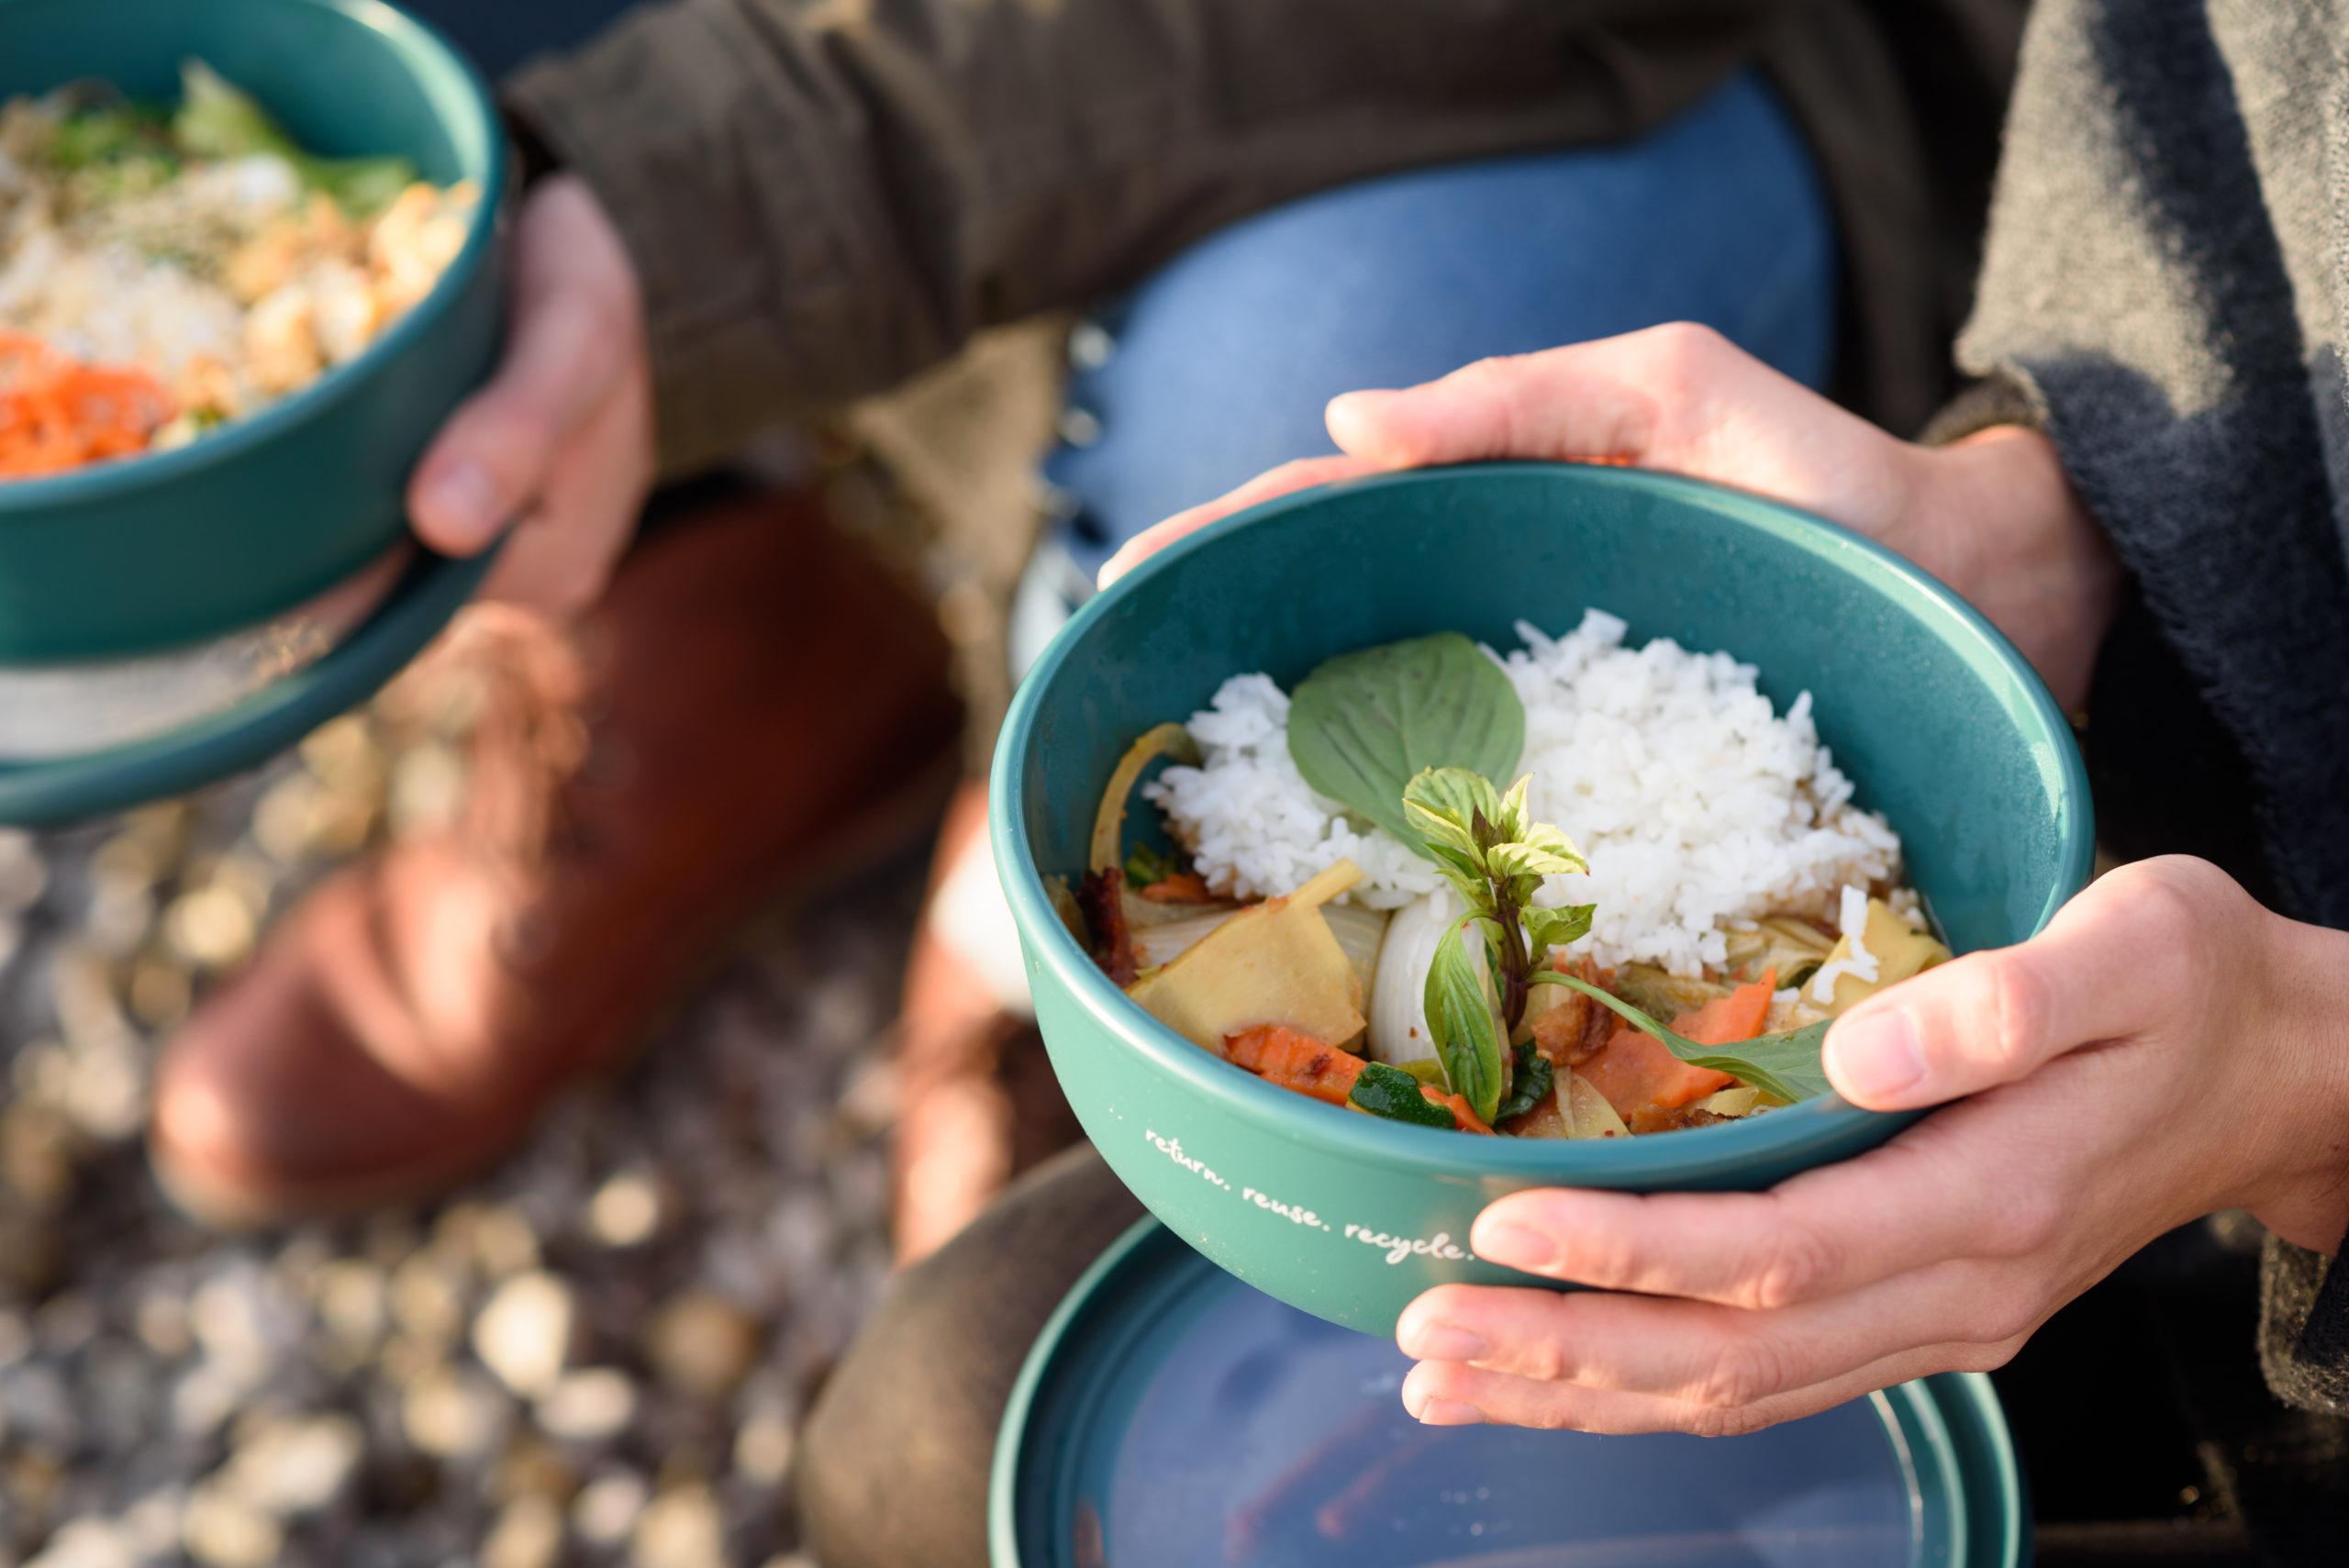 Zwei Menschen essen aus der nachhaltigen Rebowl